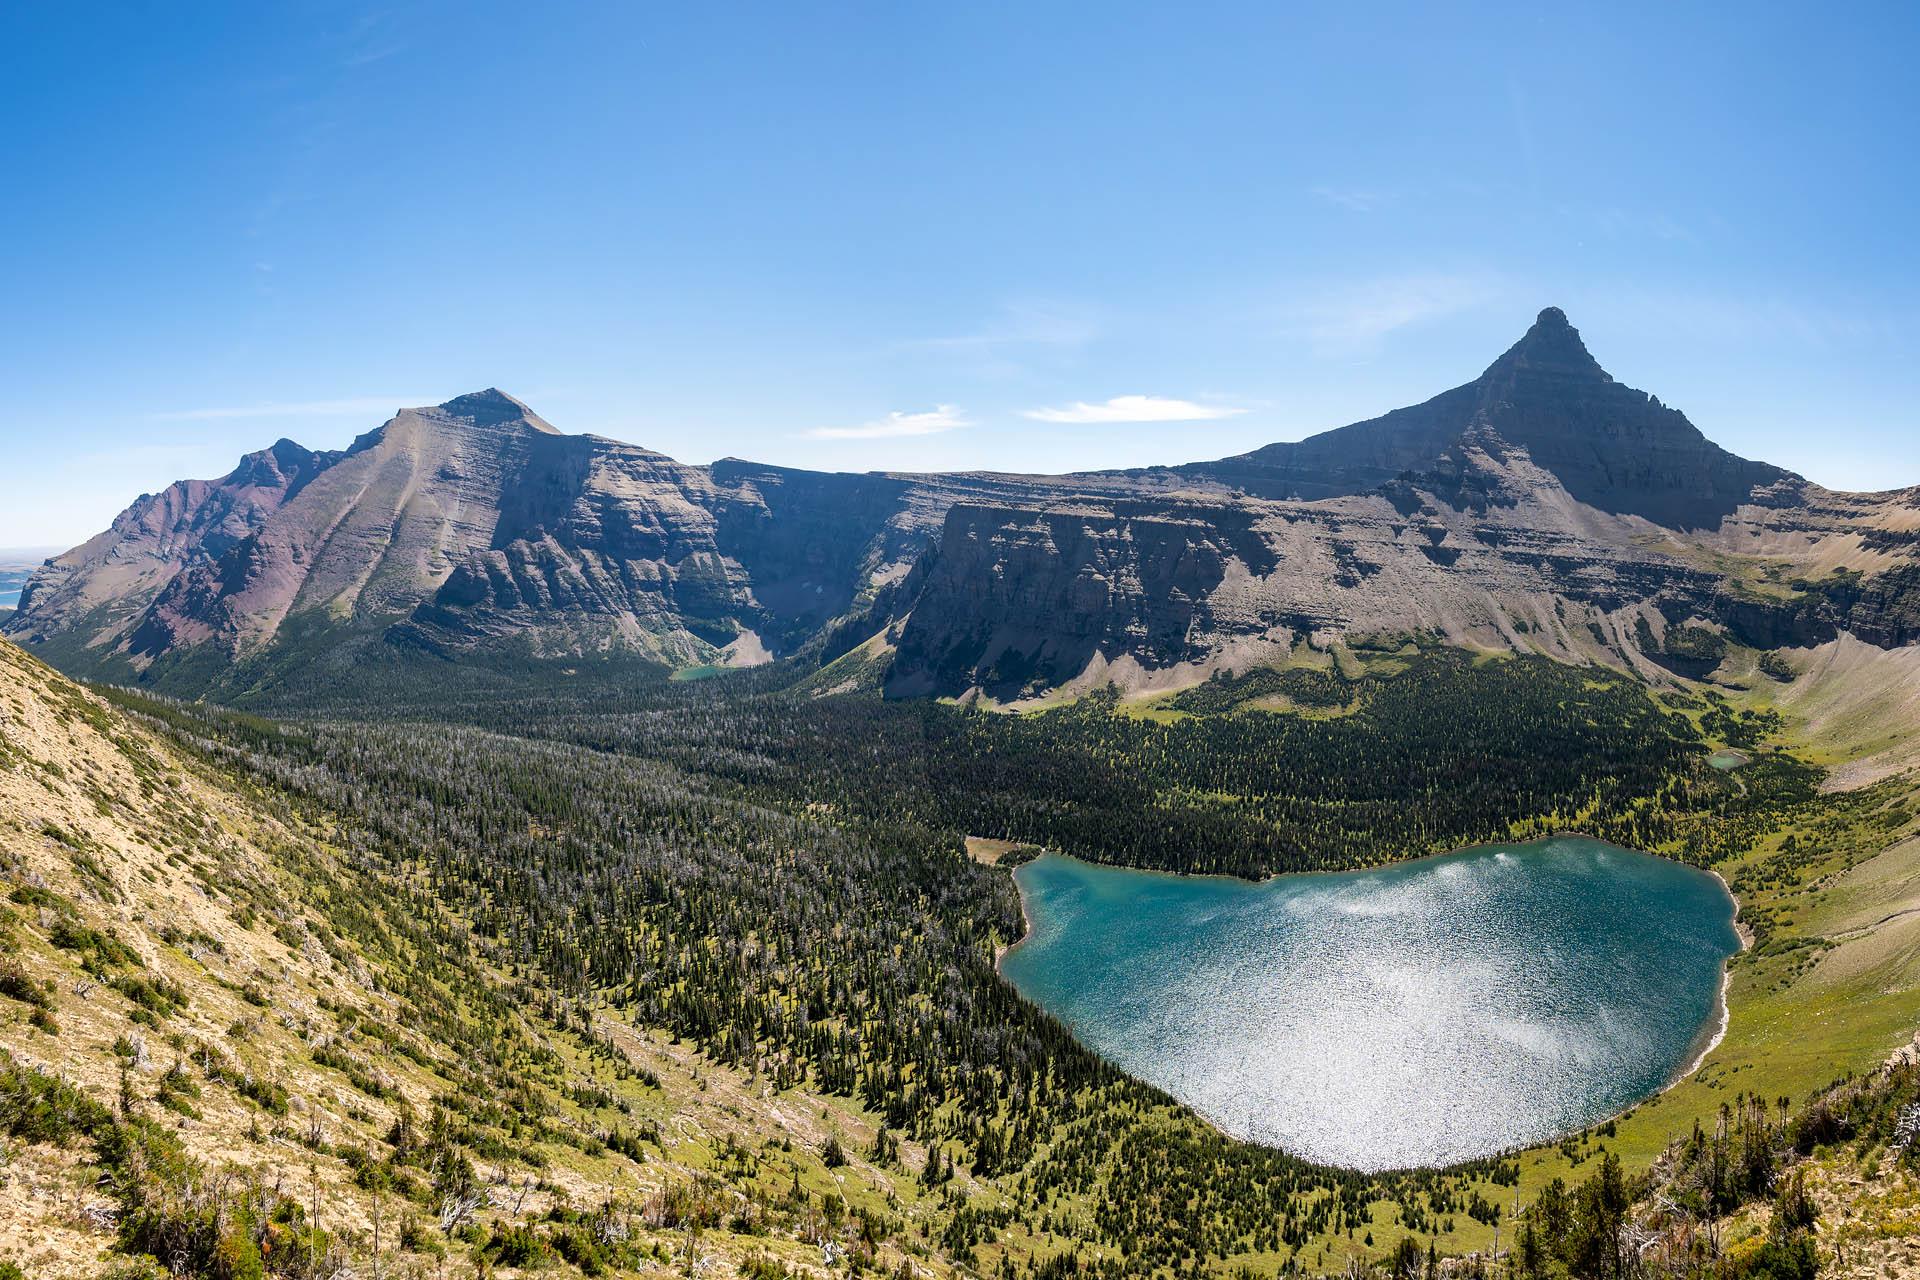 Oldman Lake, Rising Wolf Mountain, Flinsch Peak